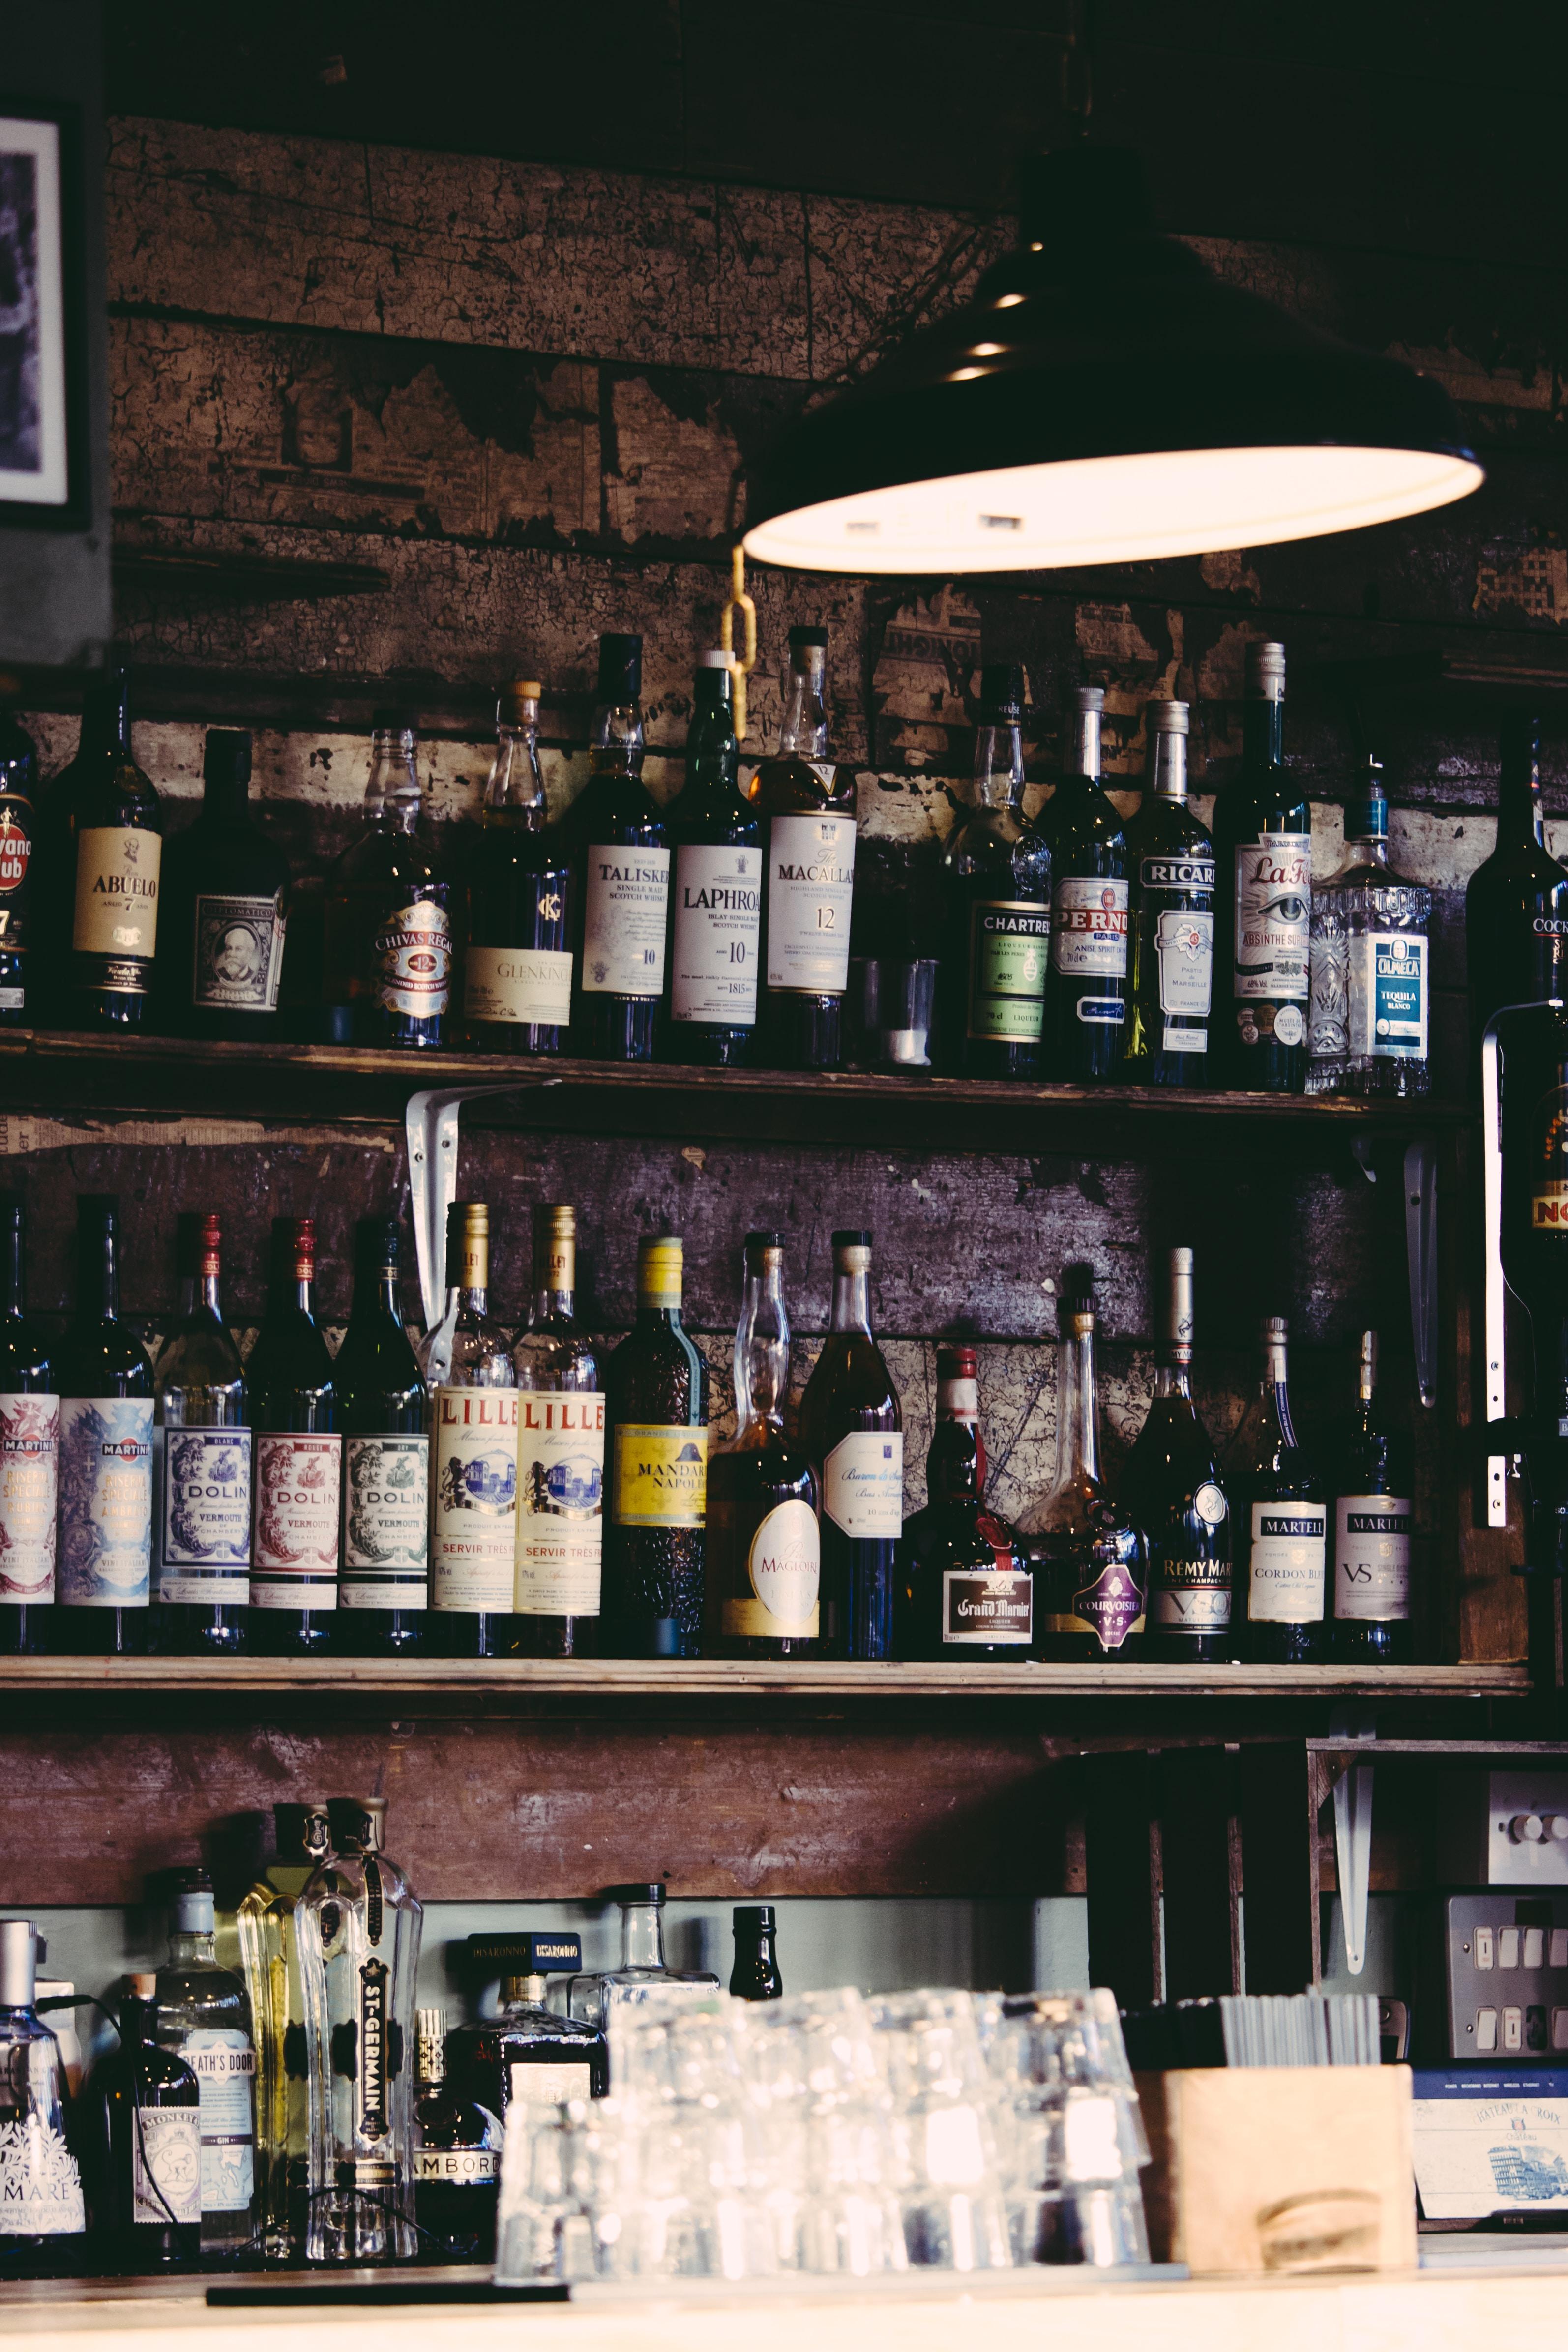 assorted liquor bottles on display shelves